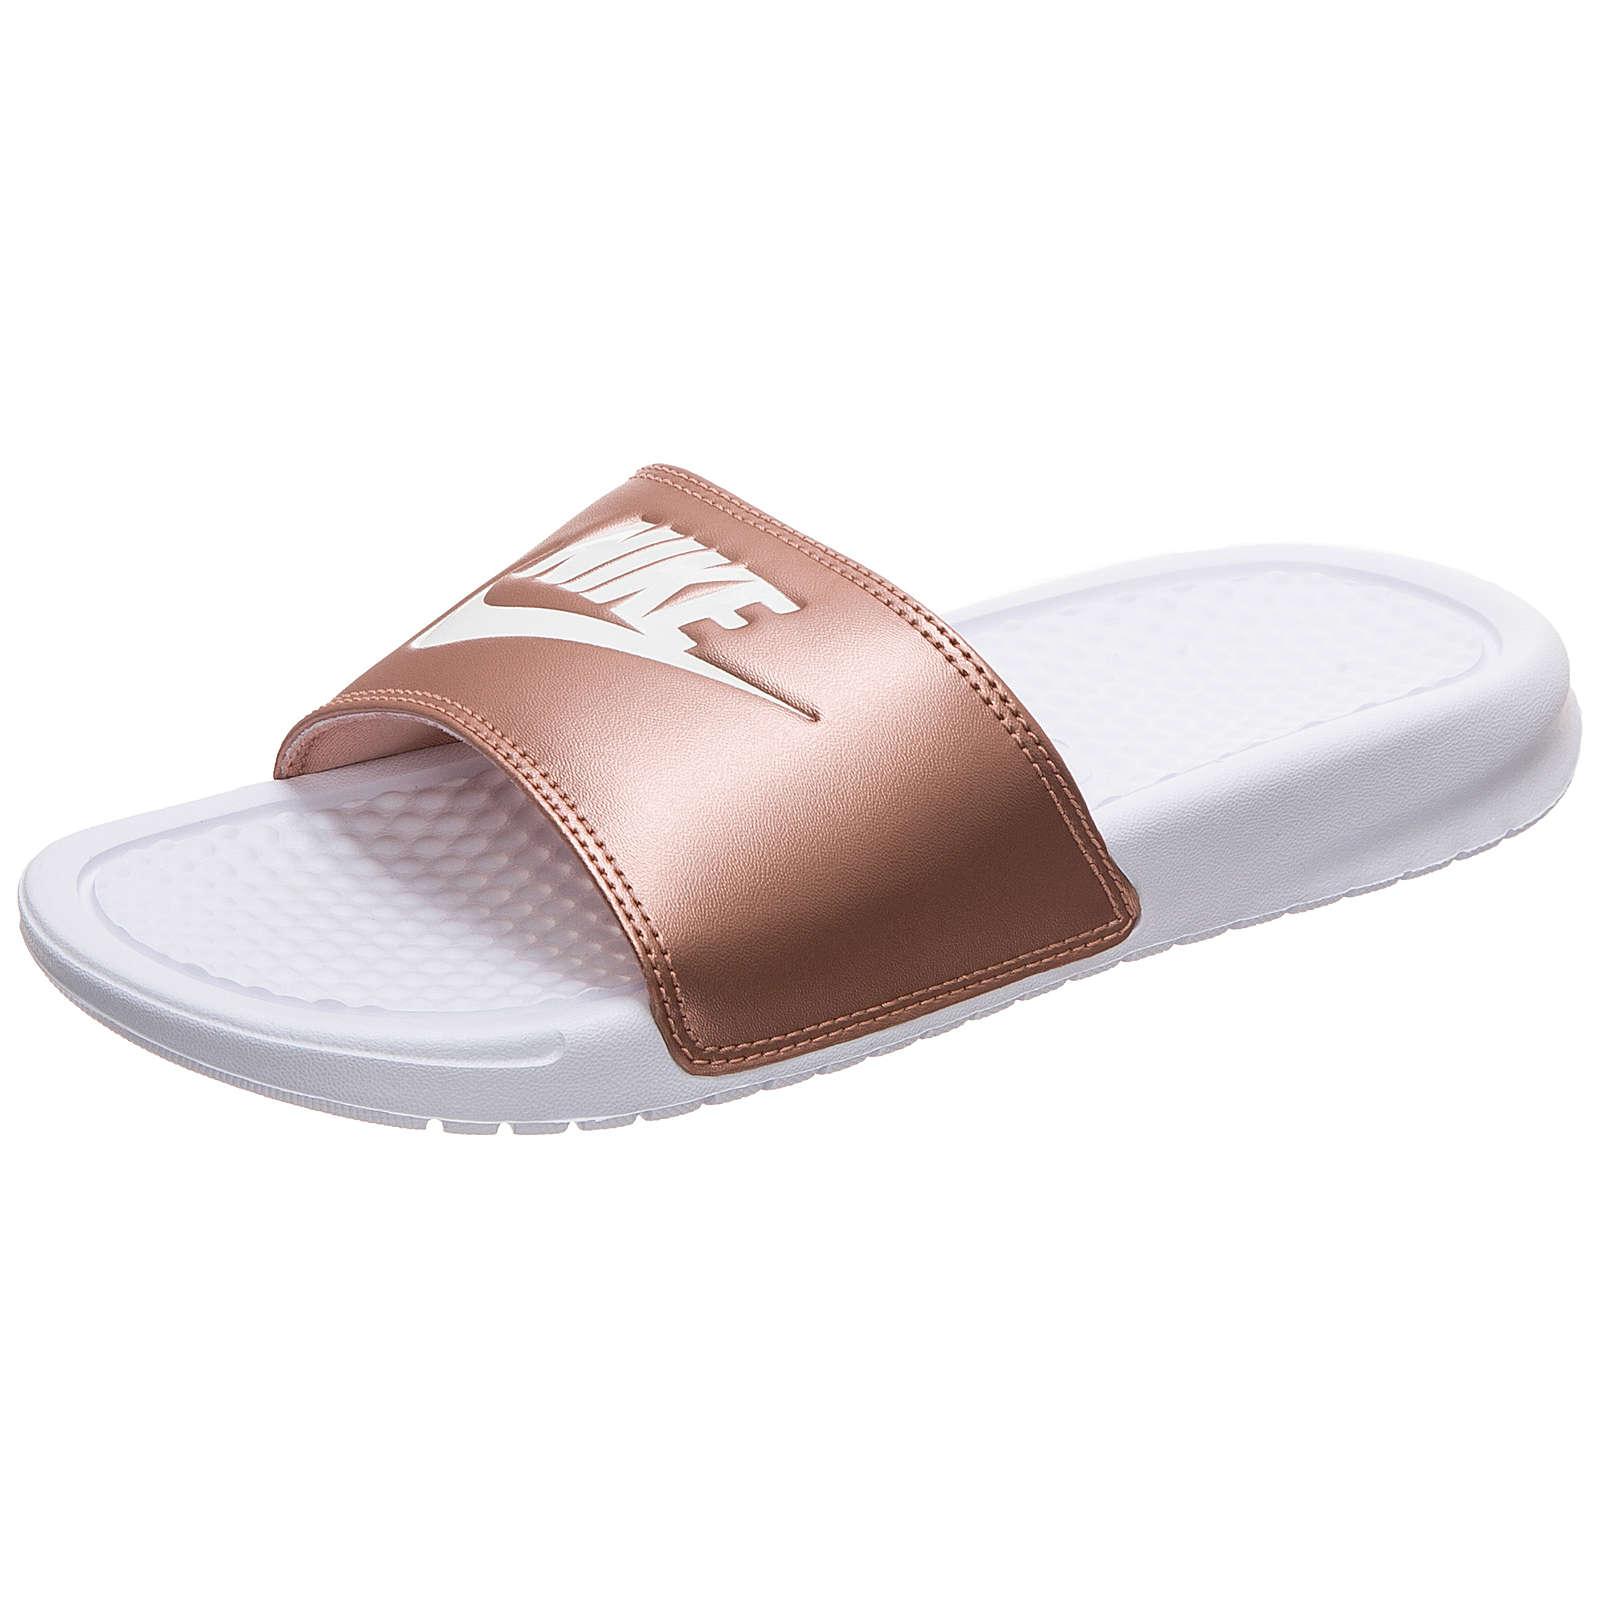 Nike Sportswear Benassi Just Do It Badesandale Damen weiß/bronze Damen Gr. 39